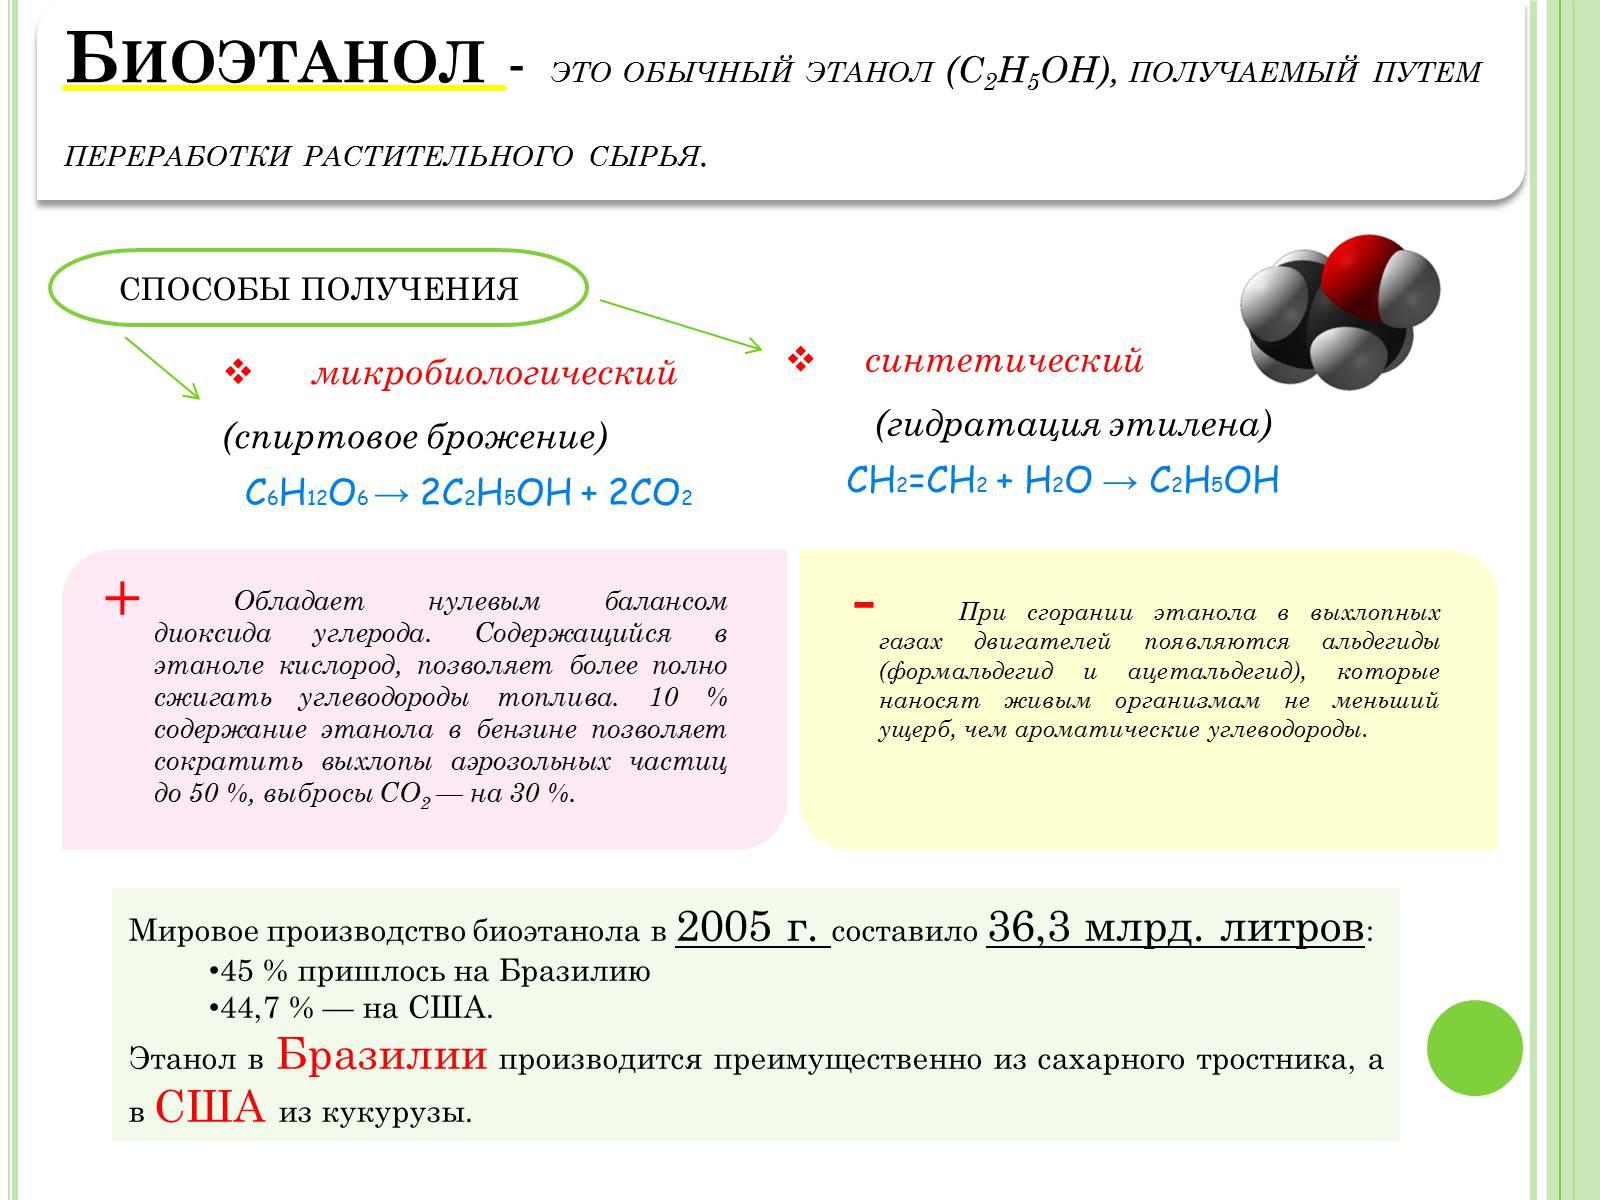 Получение этилена из этанола